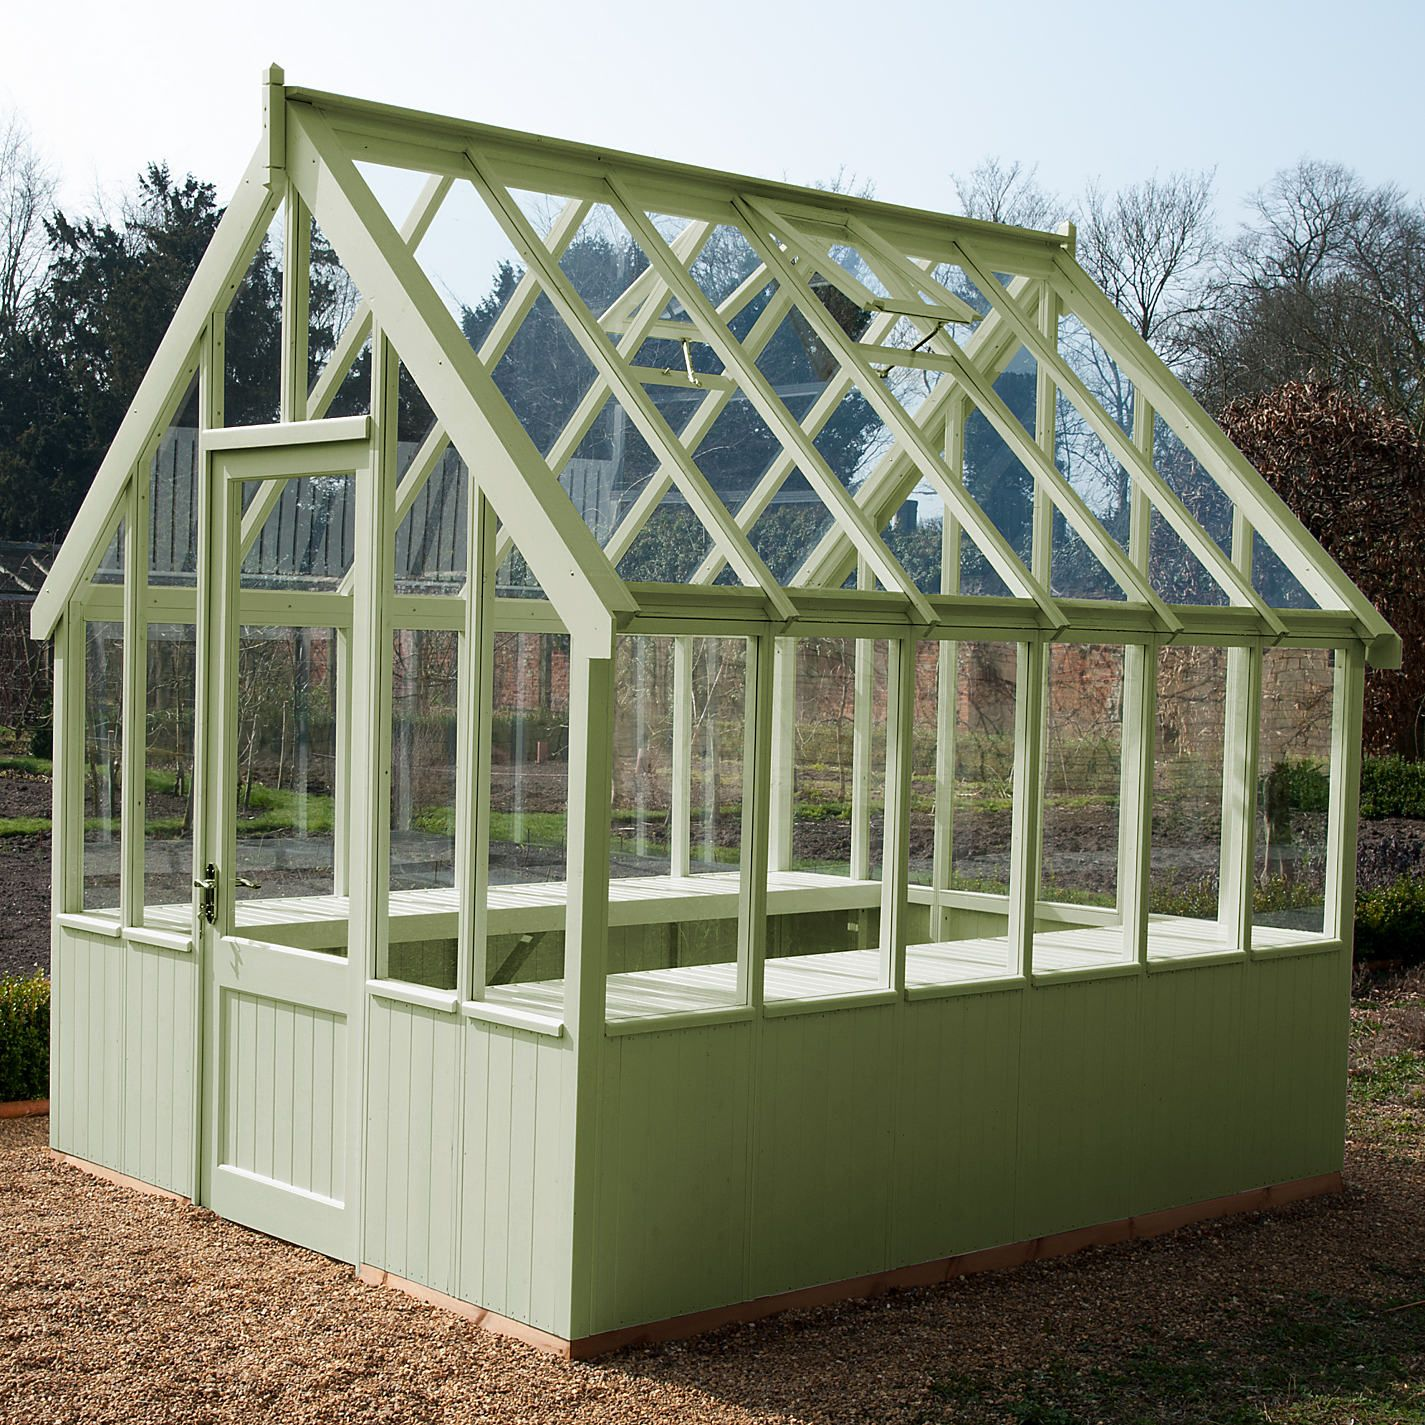 3m x 3m green house - Google Search